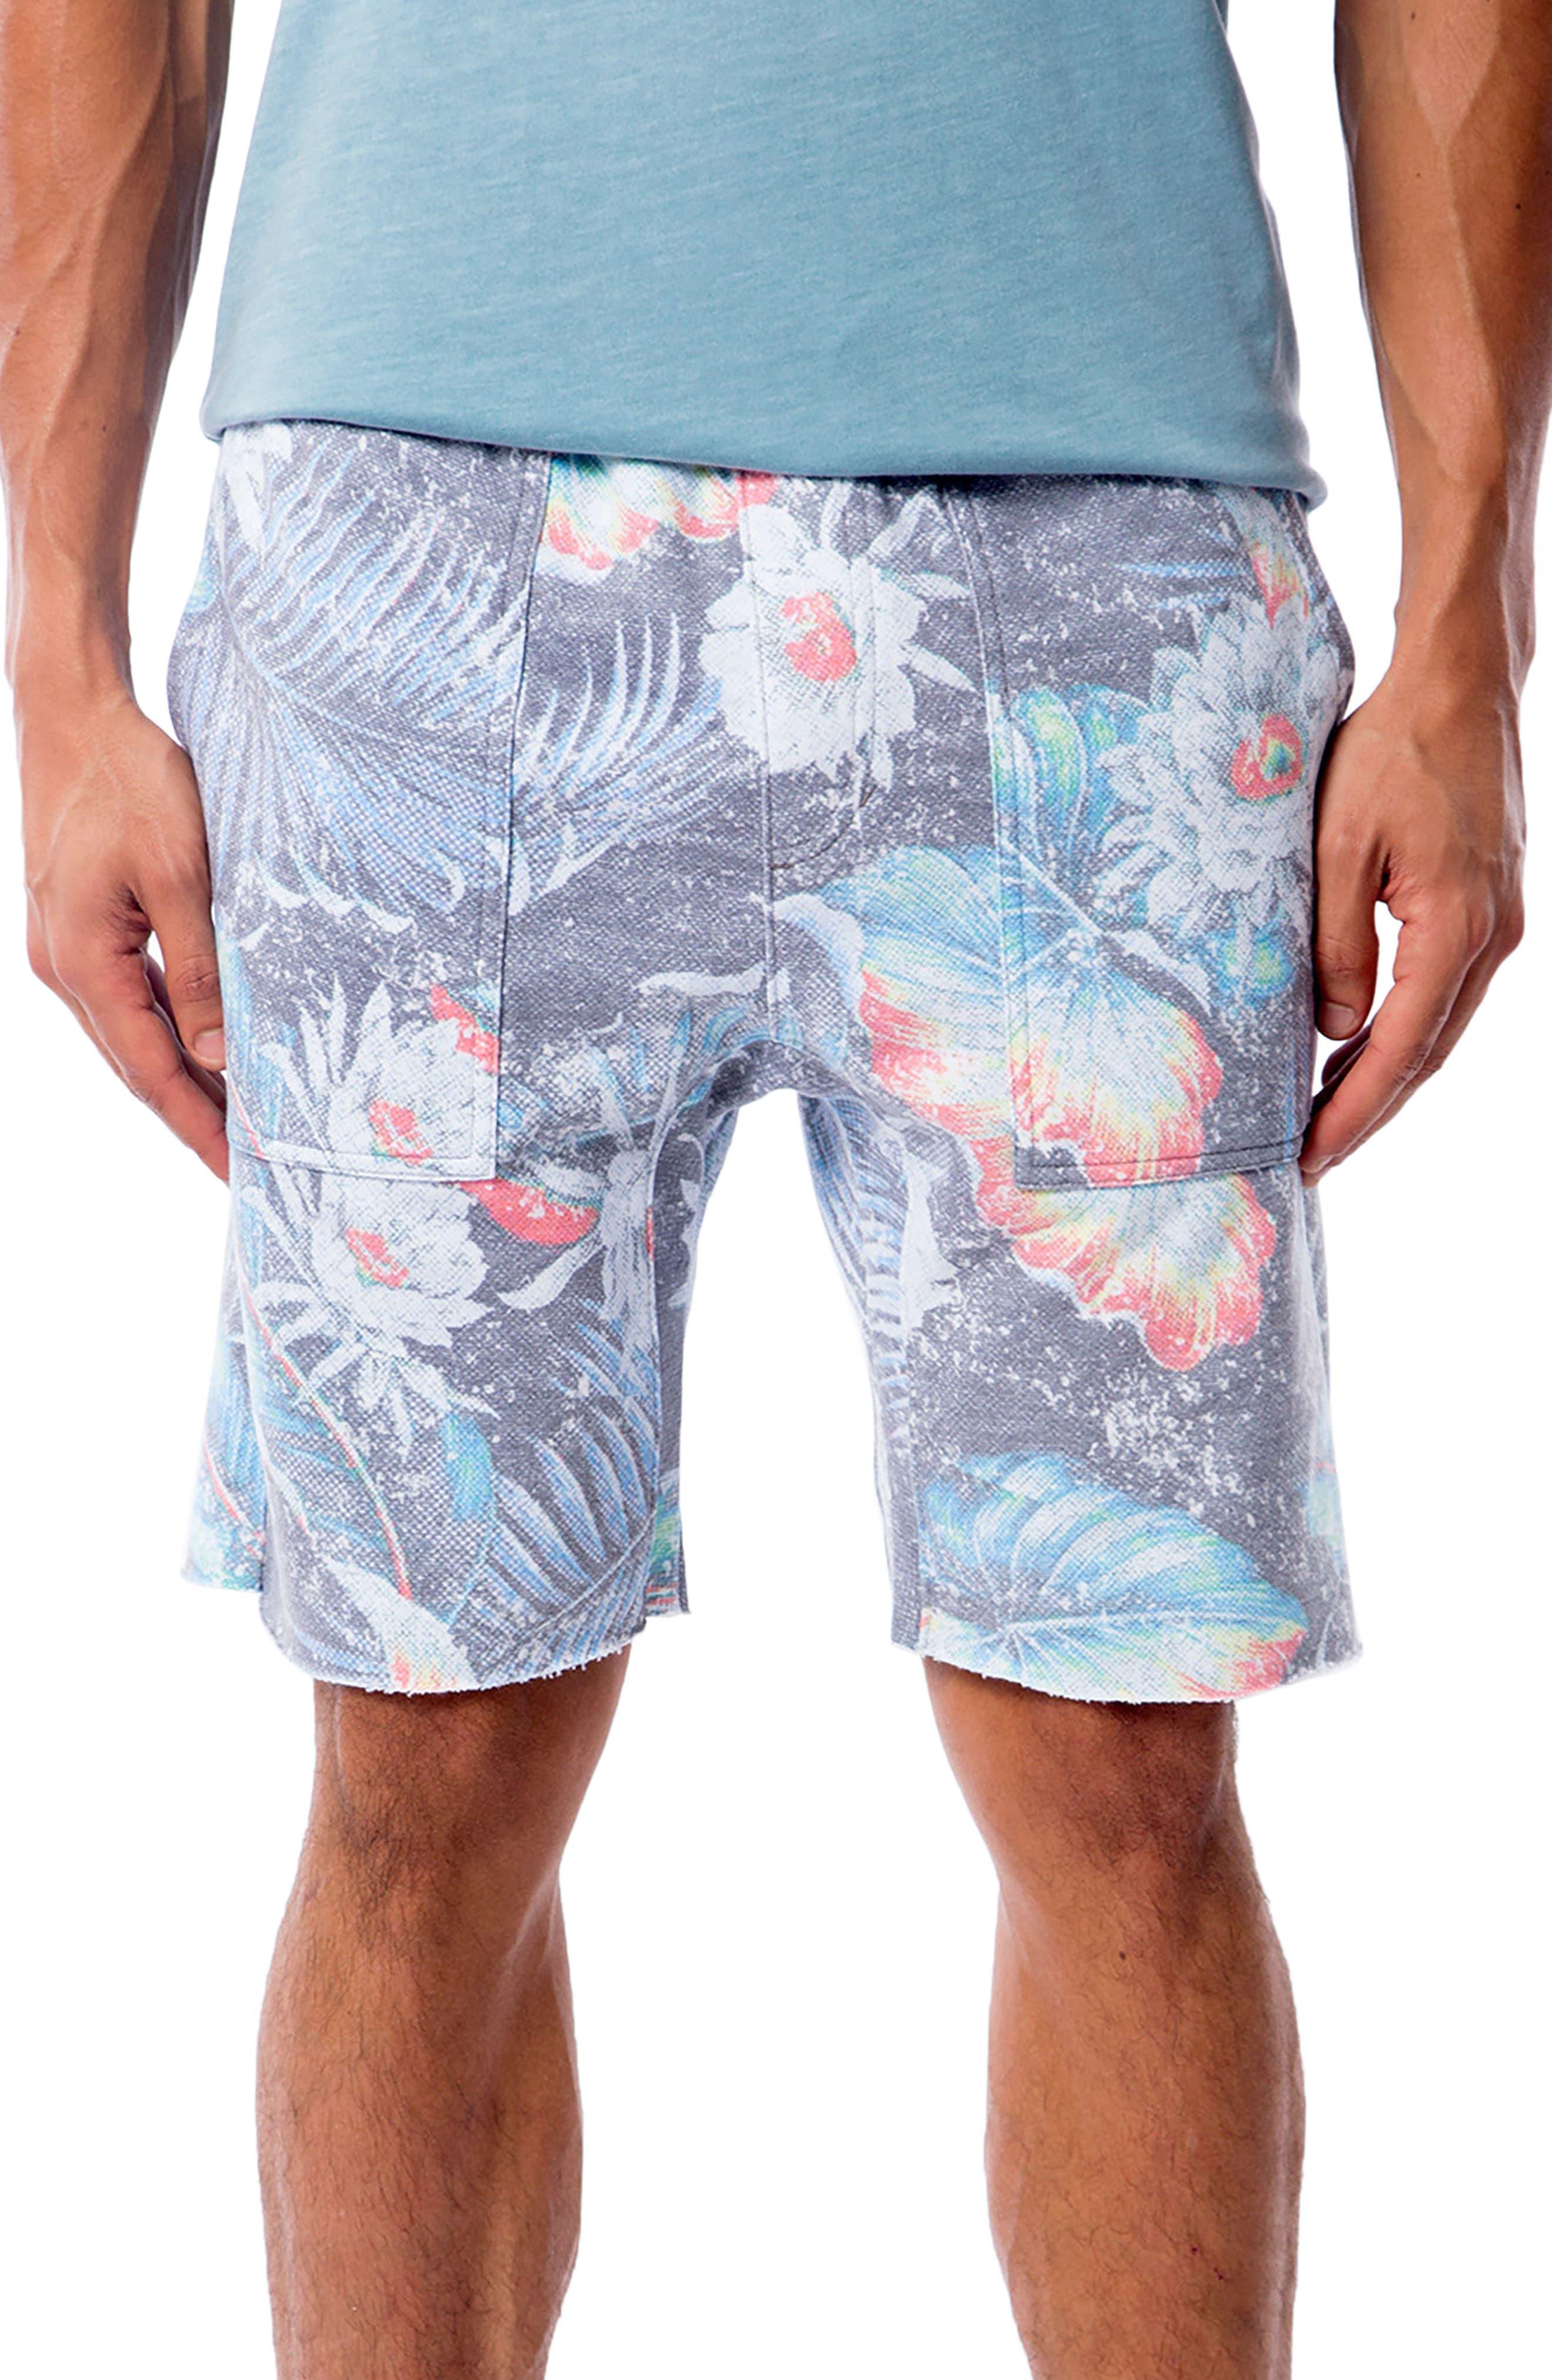 Aqua Flora Saddle Shorts,                             Main thumbnail 1, color,                             AQUA FLORA